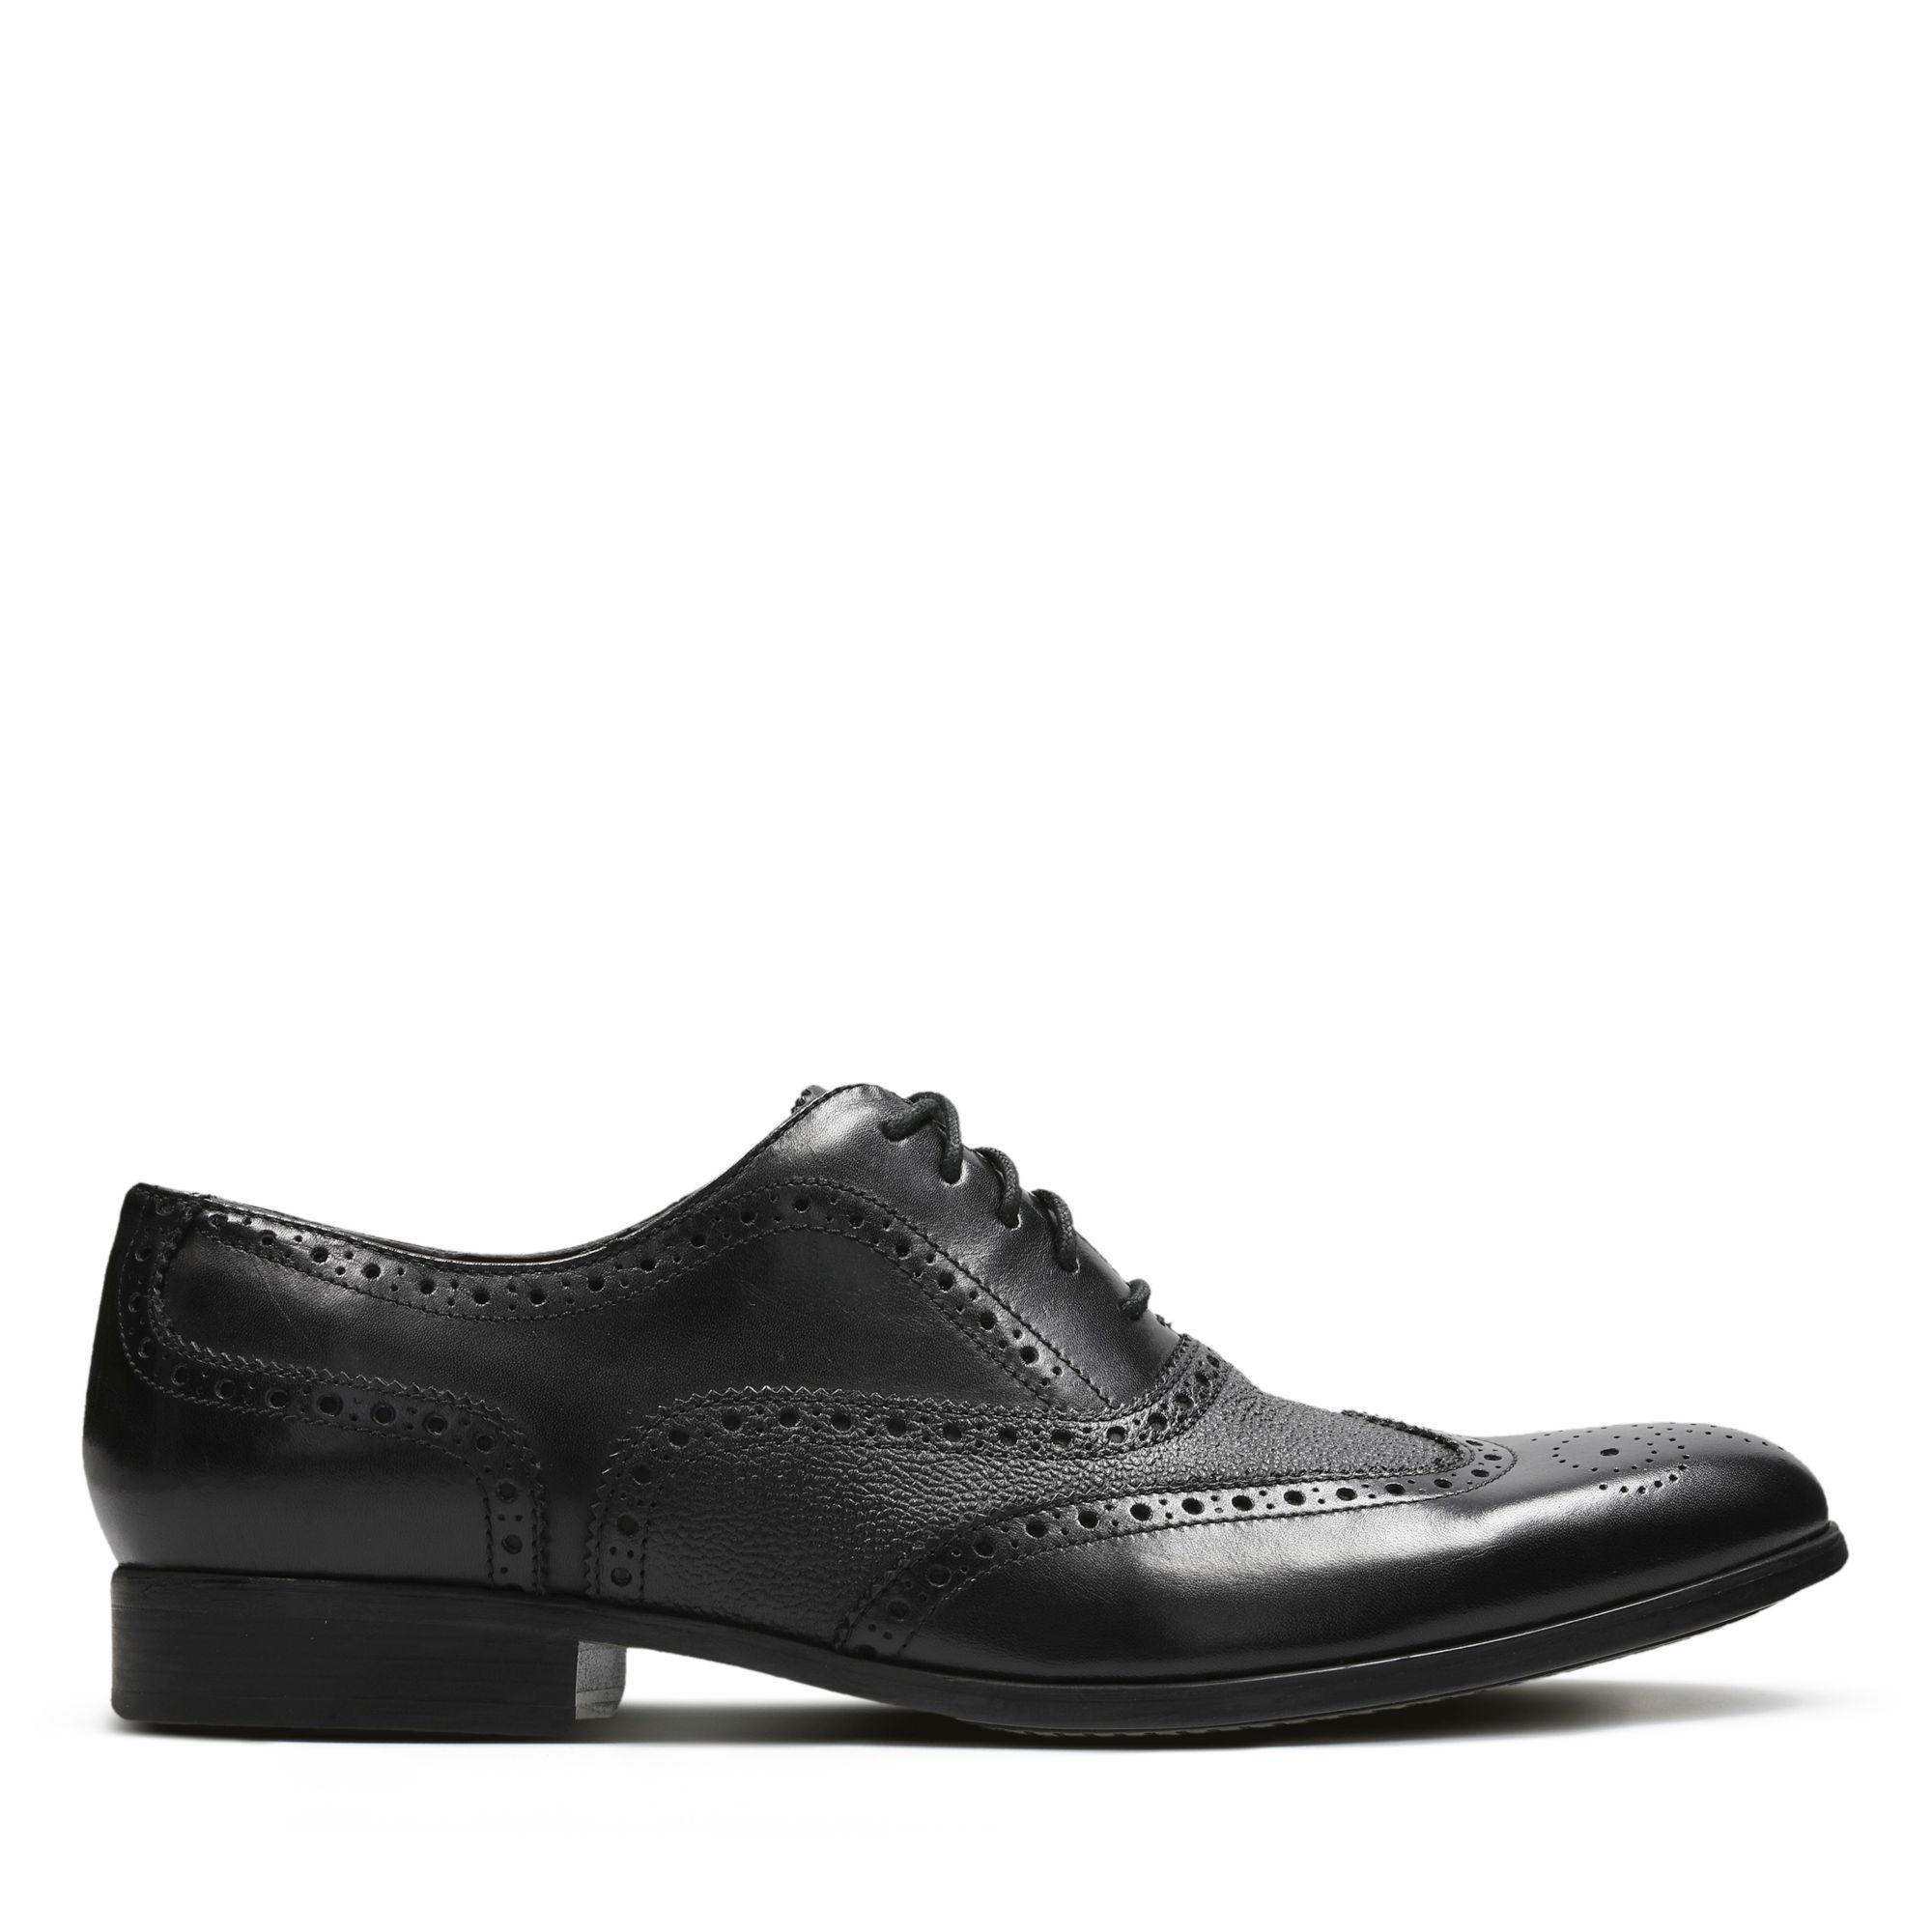 Mens Vintage Style Shoes| Retro Classic Shoes Gilmore Limit £75.00 AT vintagedancer.com